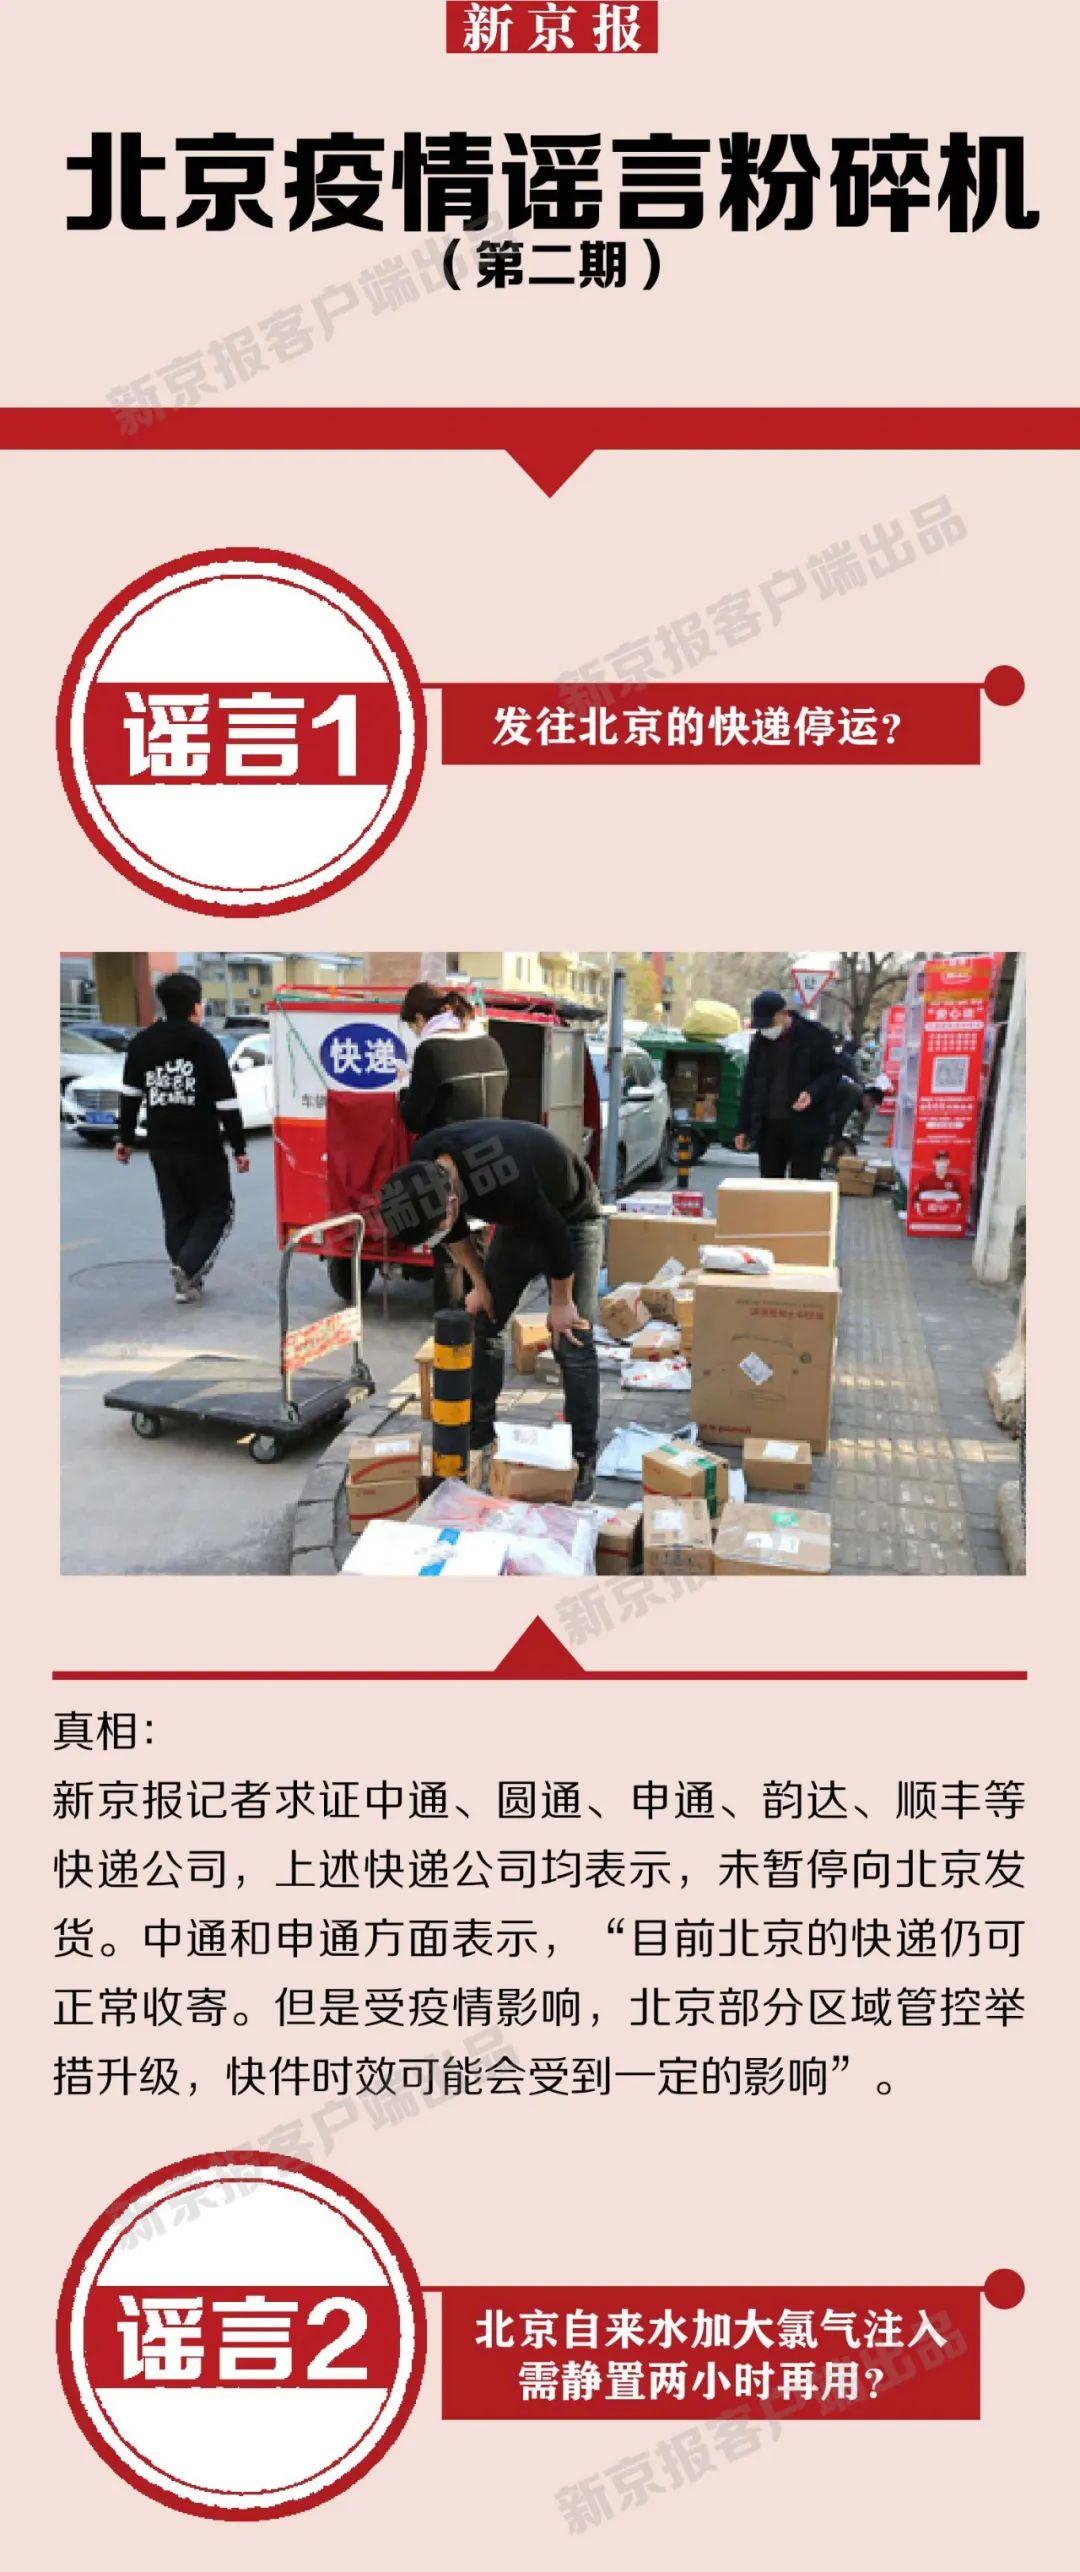 北京新发地几万人被送到唐山隔离?记者求证到了真相图片